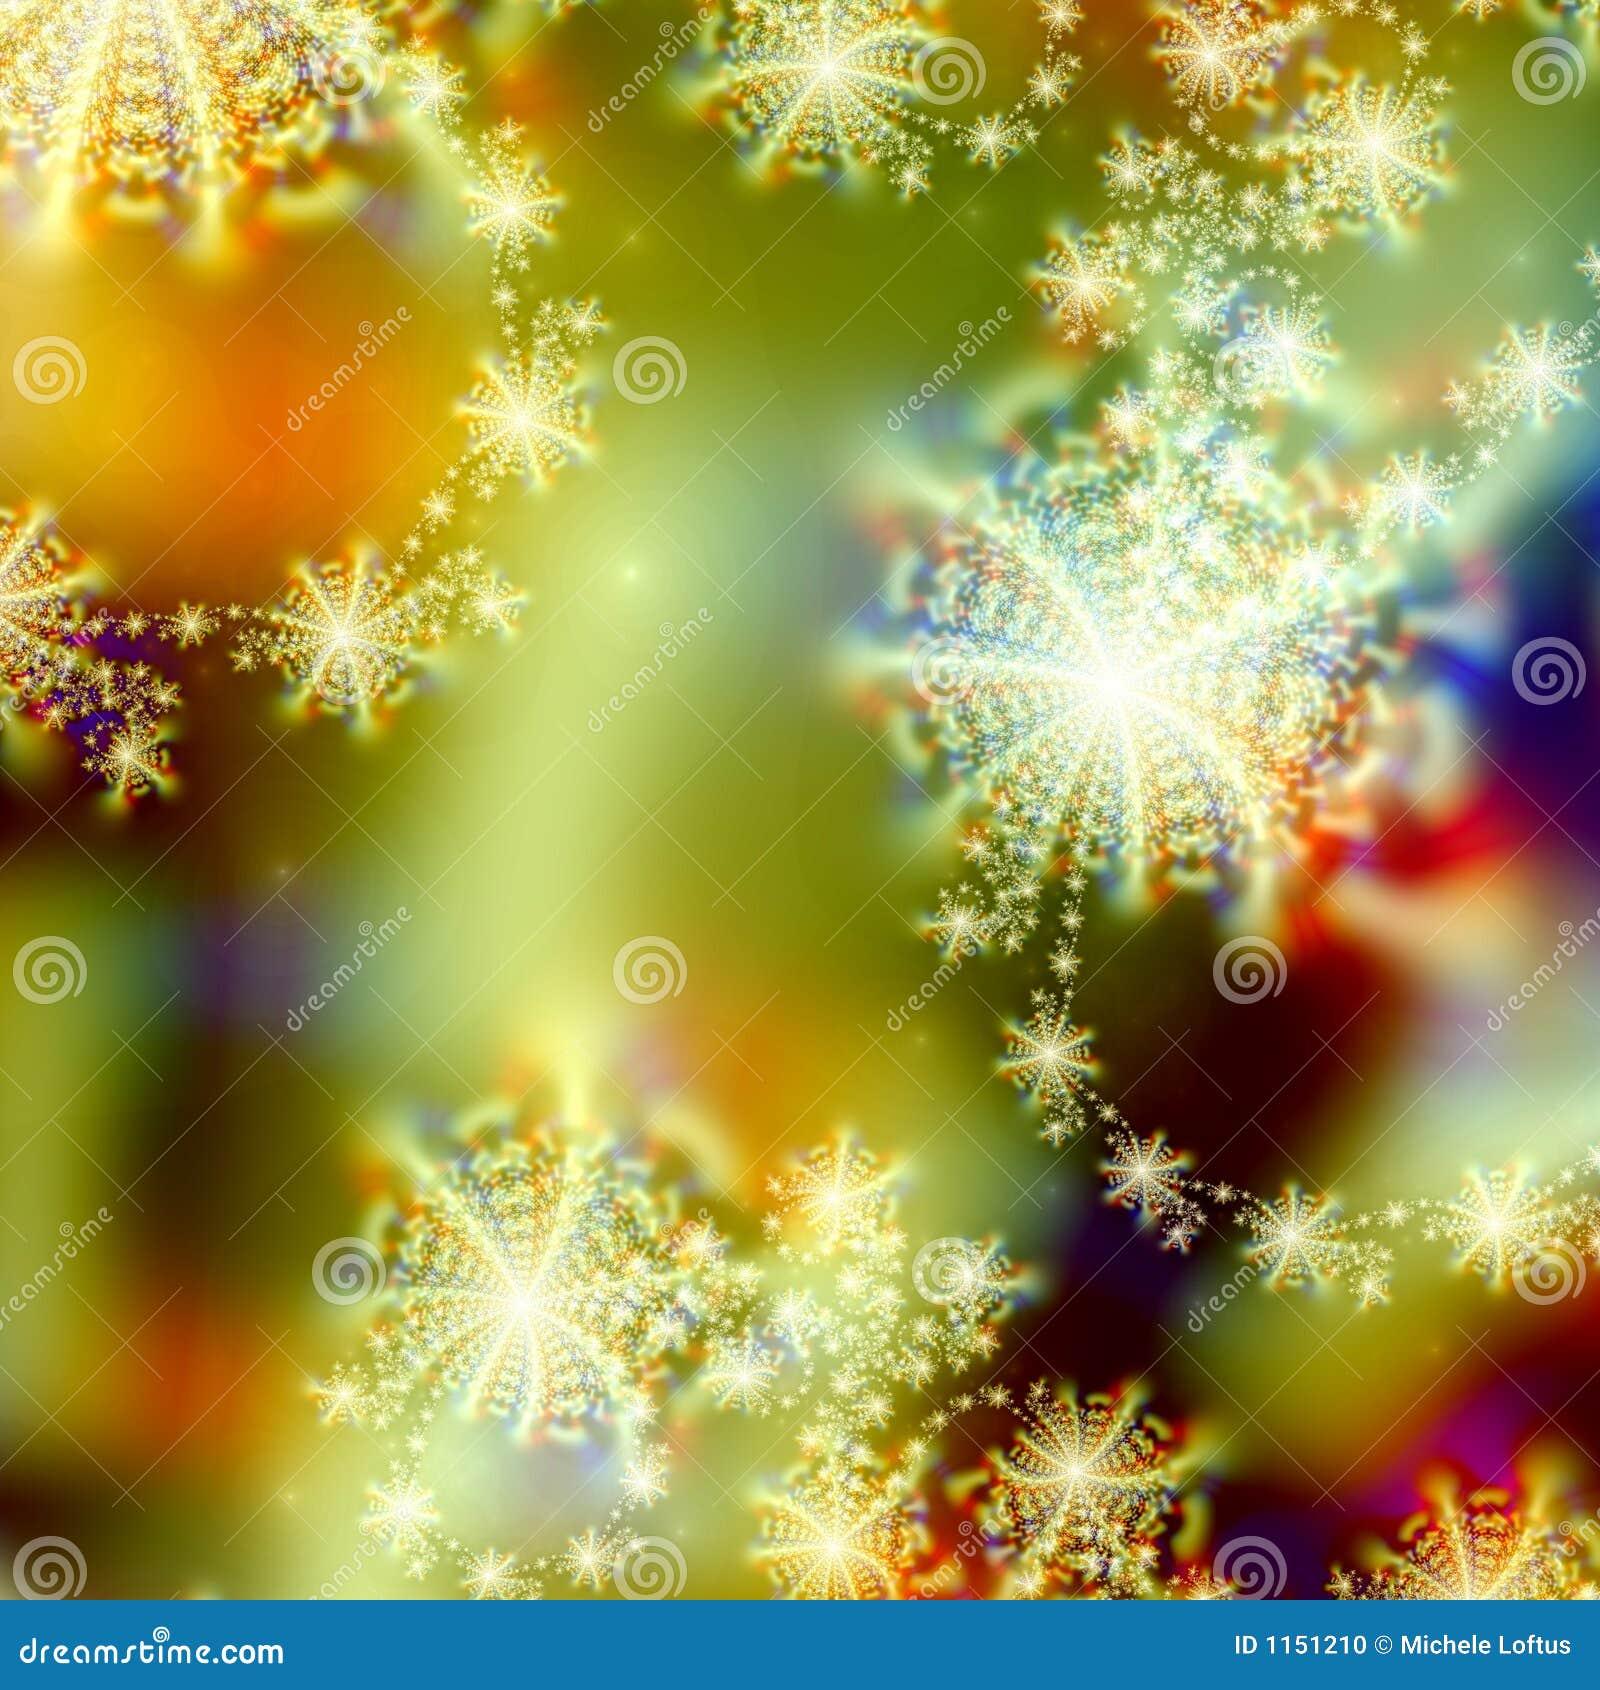 Disegno astratto del reticolo della priorità bassa degli indicatori luminosi di festa e stelle o fiocchi di neve astratti